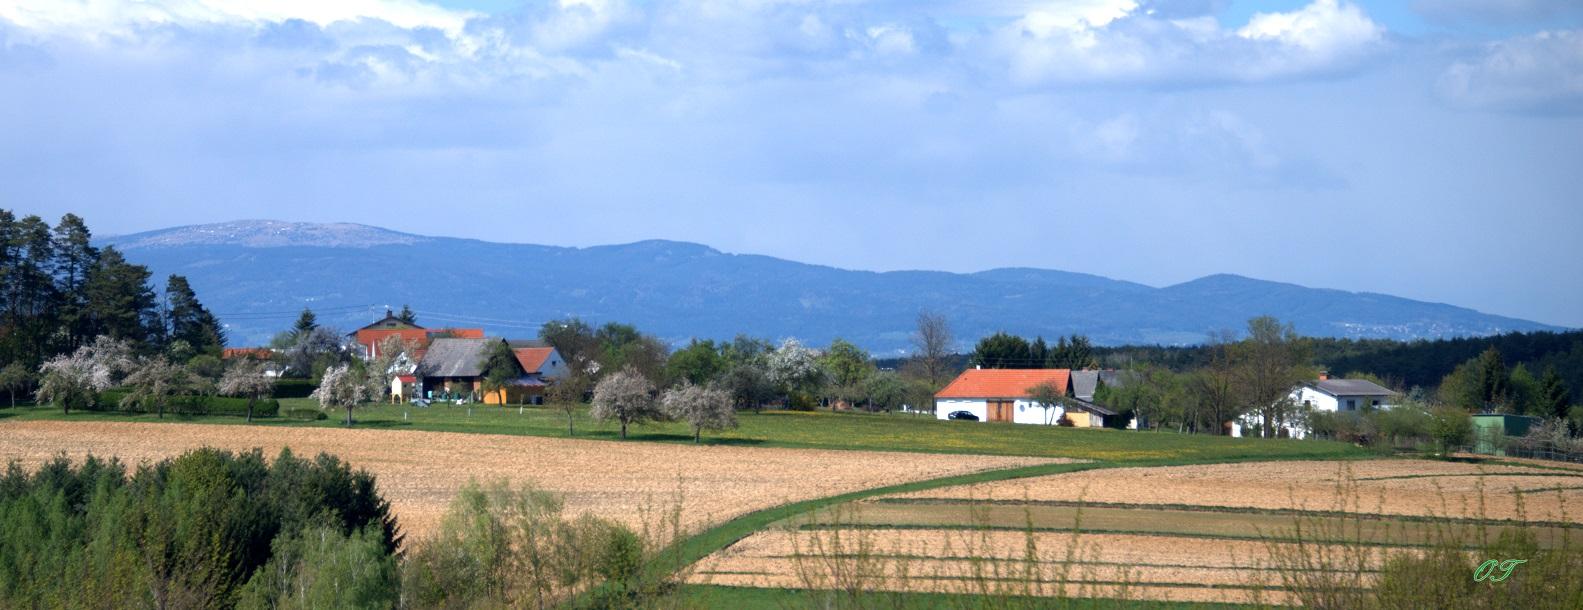 2014 Ollersdorf Aufblick von Therme Stegersbach